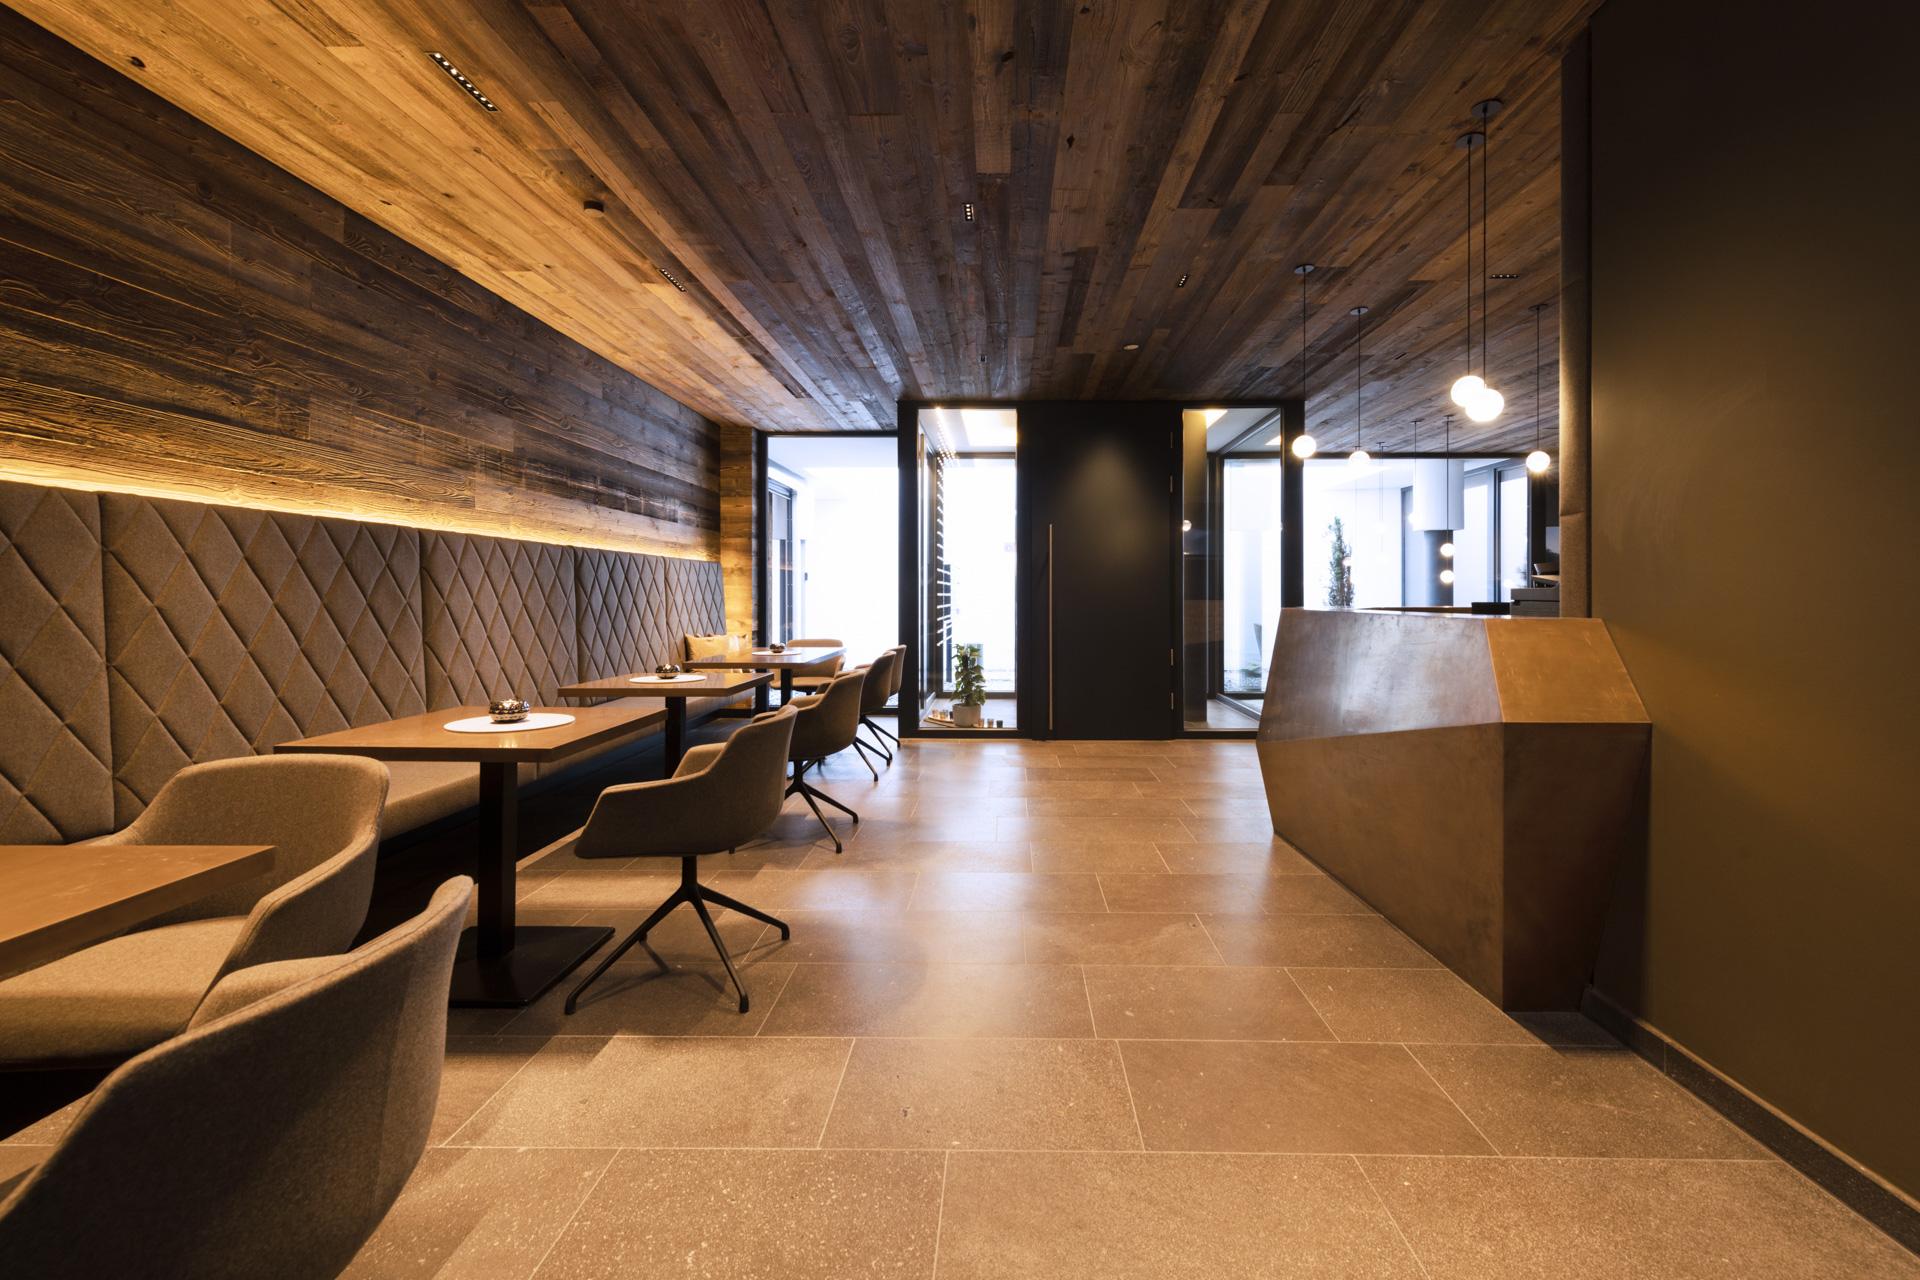 Tischlerei-Decker-Projekte-Mountain-Chalet-Kirchberg-Lounge-Bereich